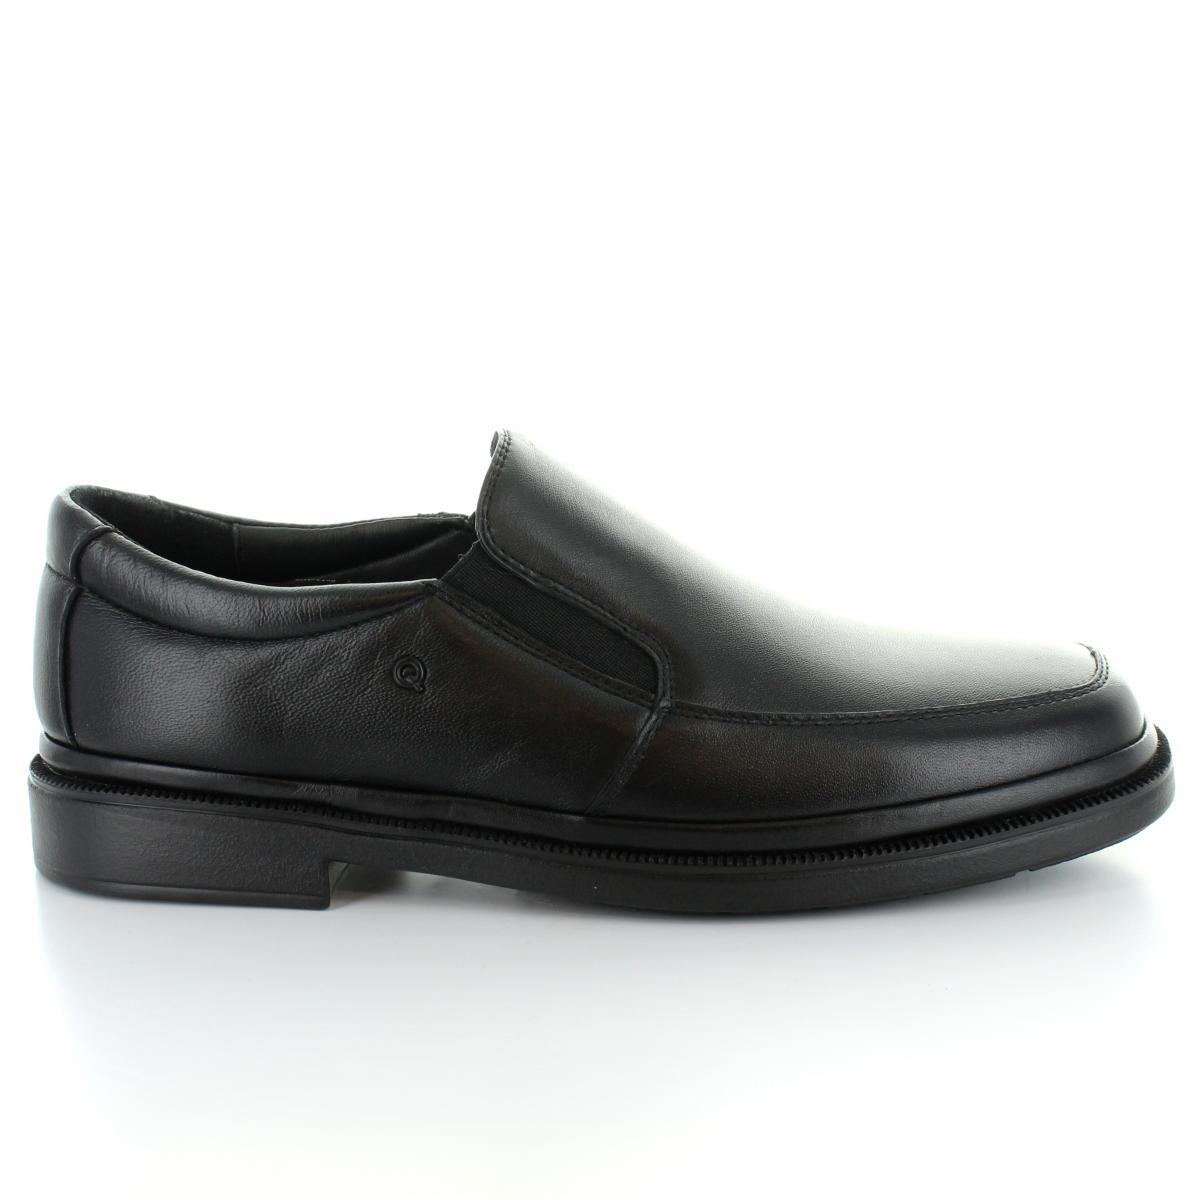 Mocasin marca Quirelli (anterior) modelo 88403 Color Negro 2aeb4149604